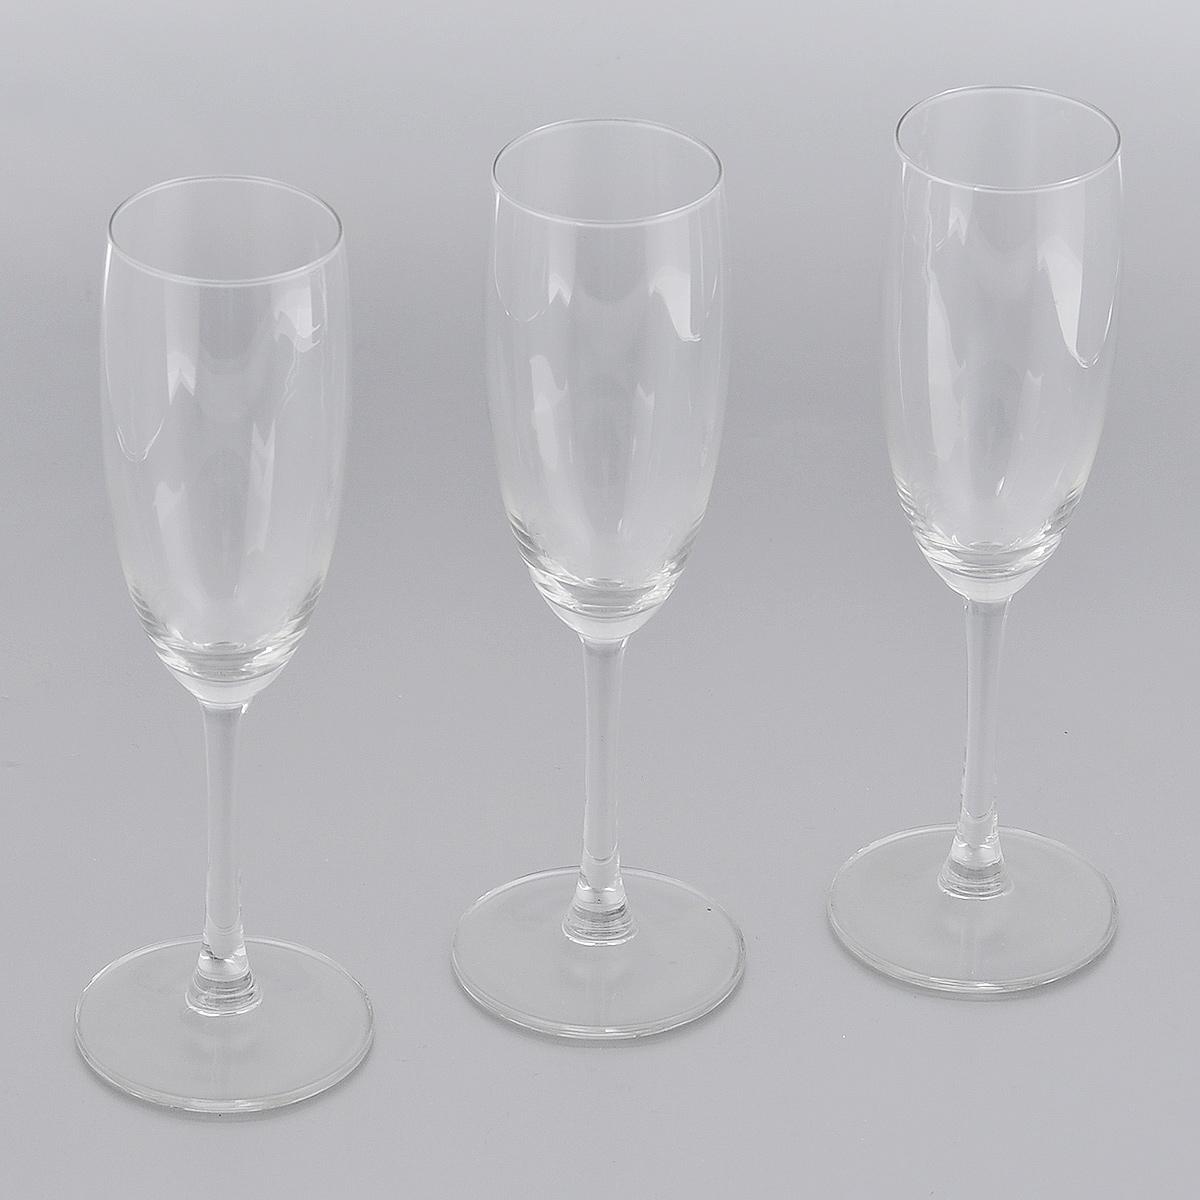 Набор бокалов для шампанского Royal Leerdam Gourmet, 180 мл, 3 шт553710Набор Royal Leerdam Gourmet состоит из 3 бокалов, выполненных из высококачественного стекла. Бокалы предназначены для подачи шампанского. Набор бокалов прекрасно оформит сервировку стола и создаст в доме атмосферу праздника и уюта. Можно мыть в посудомоечной машине.